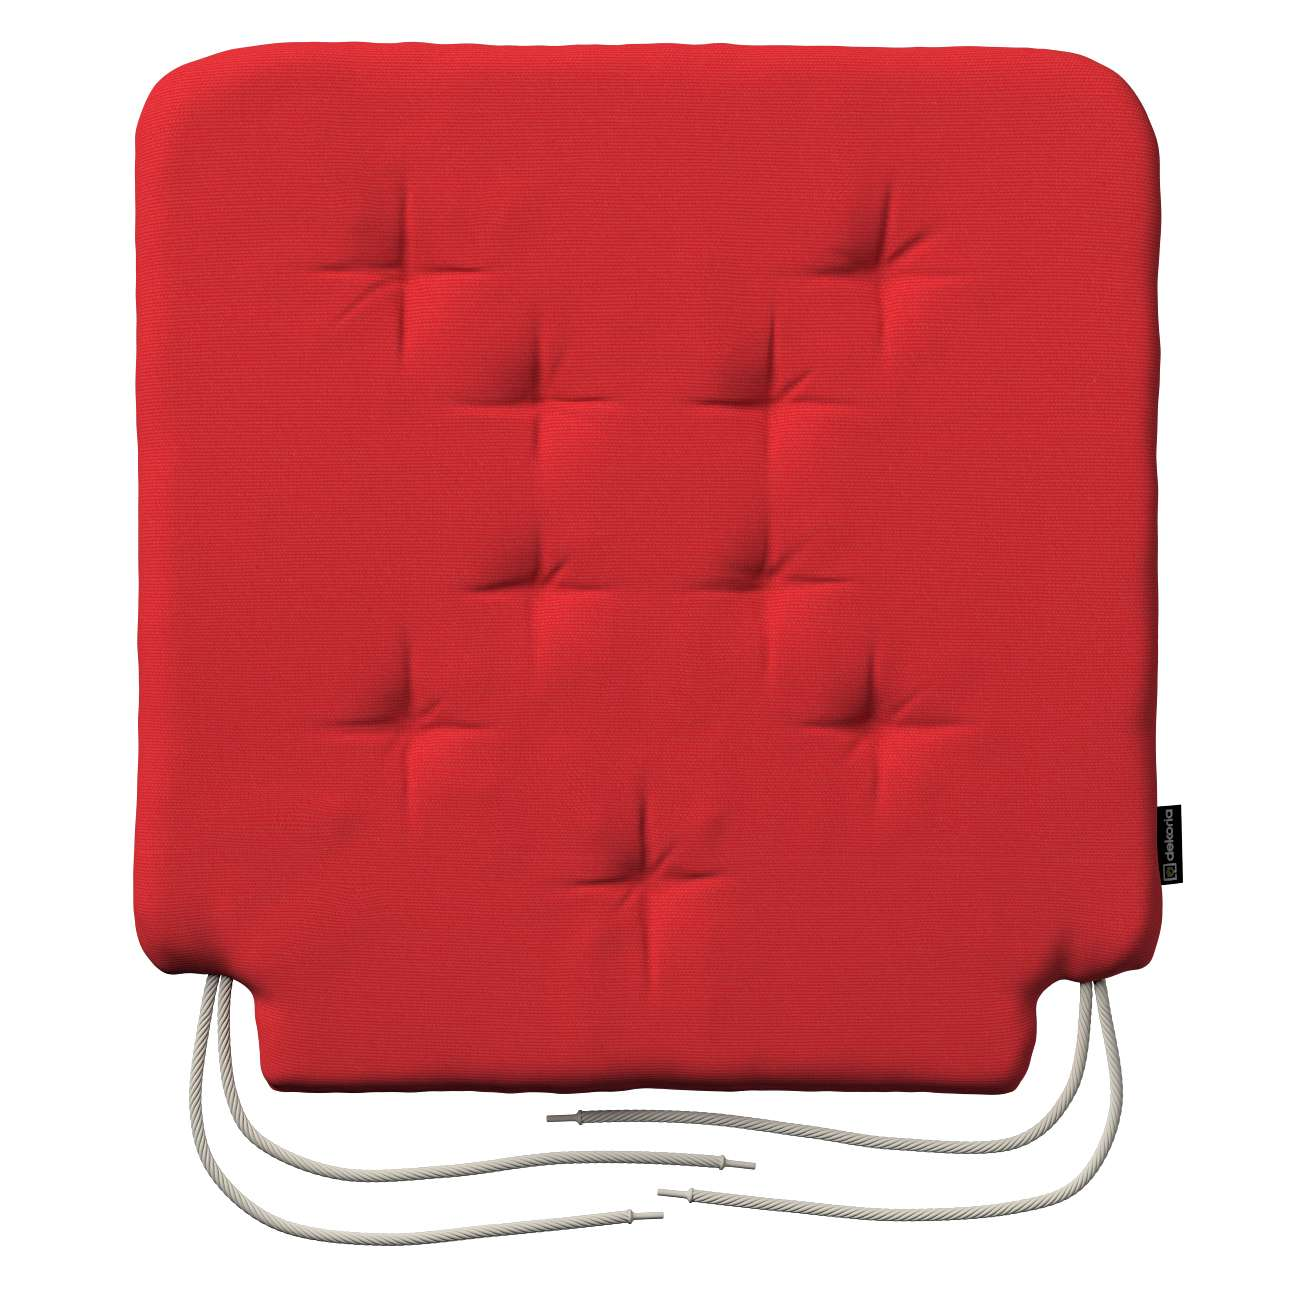 Siedzisko Olek na krzesło 42x41x3,5cm w kolekcji Loneta, tkanina: 133-43